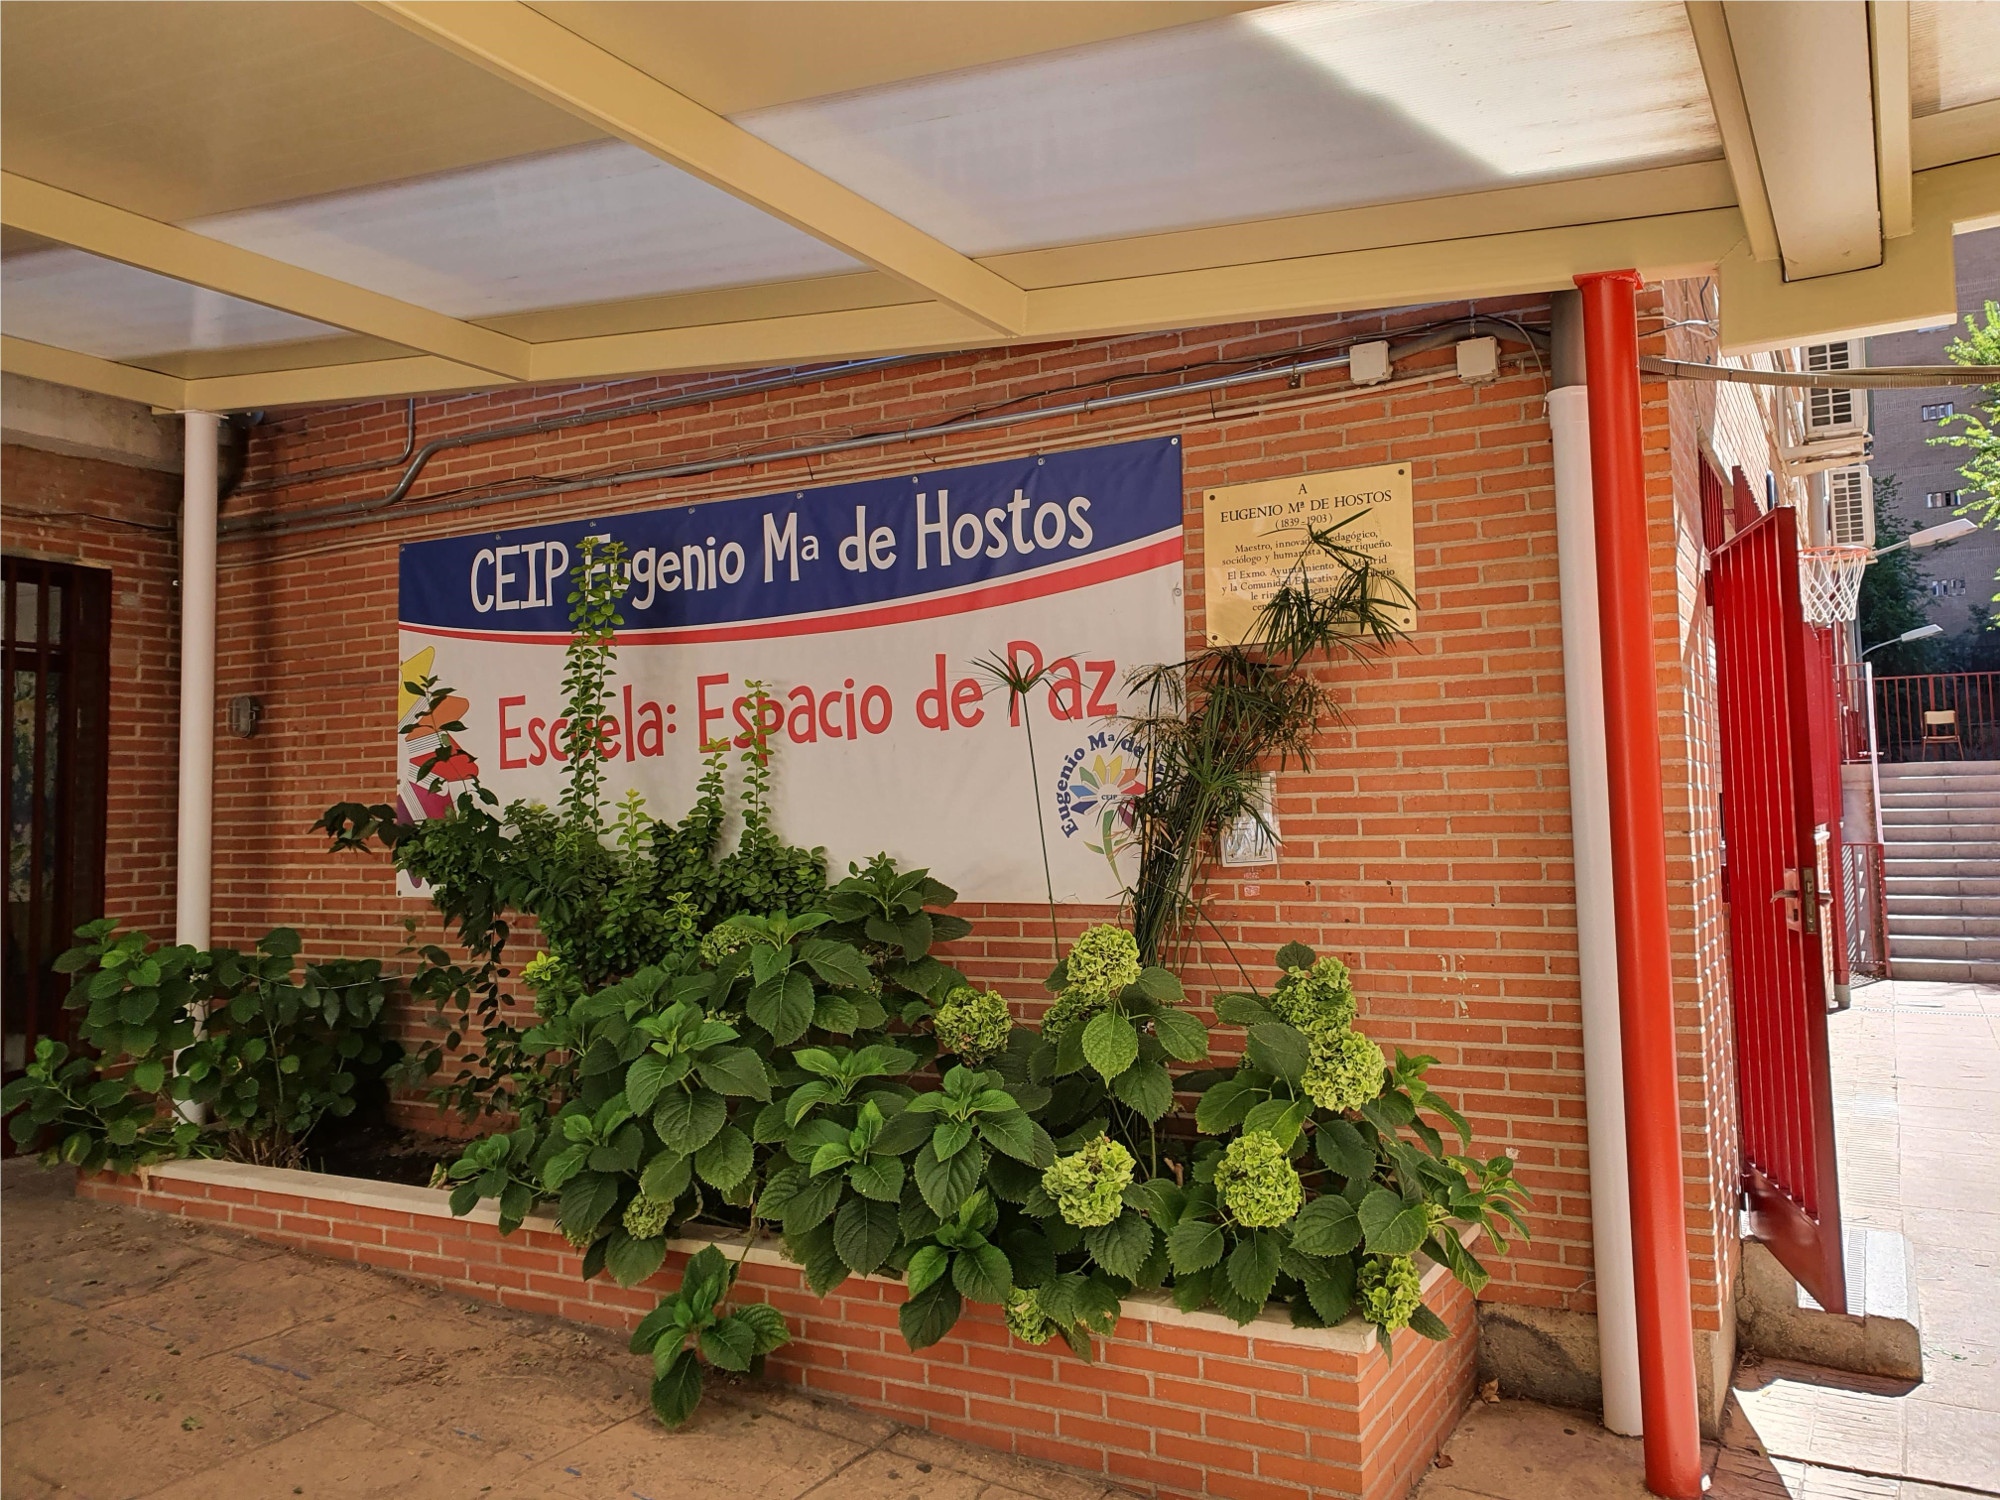 CEIP Eugenio M. Hostos